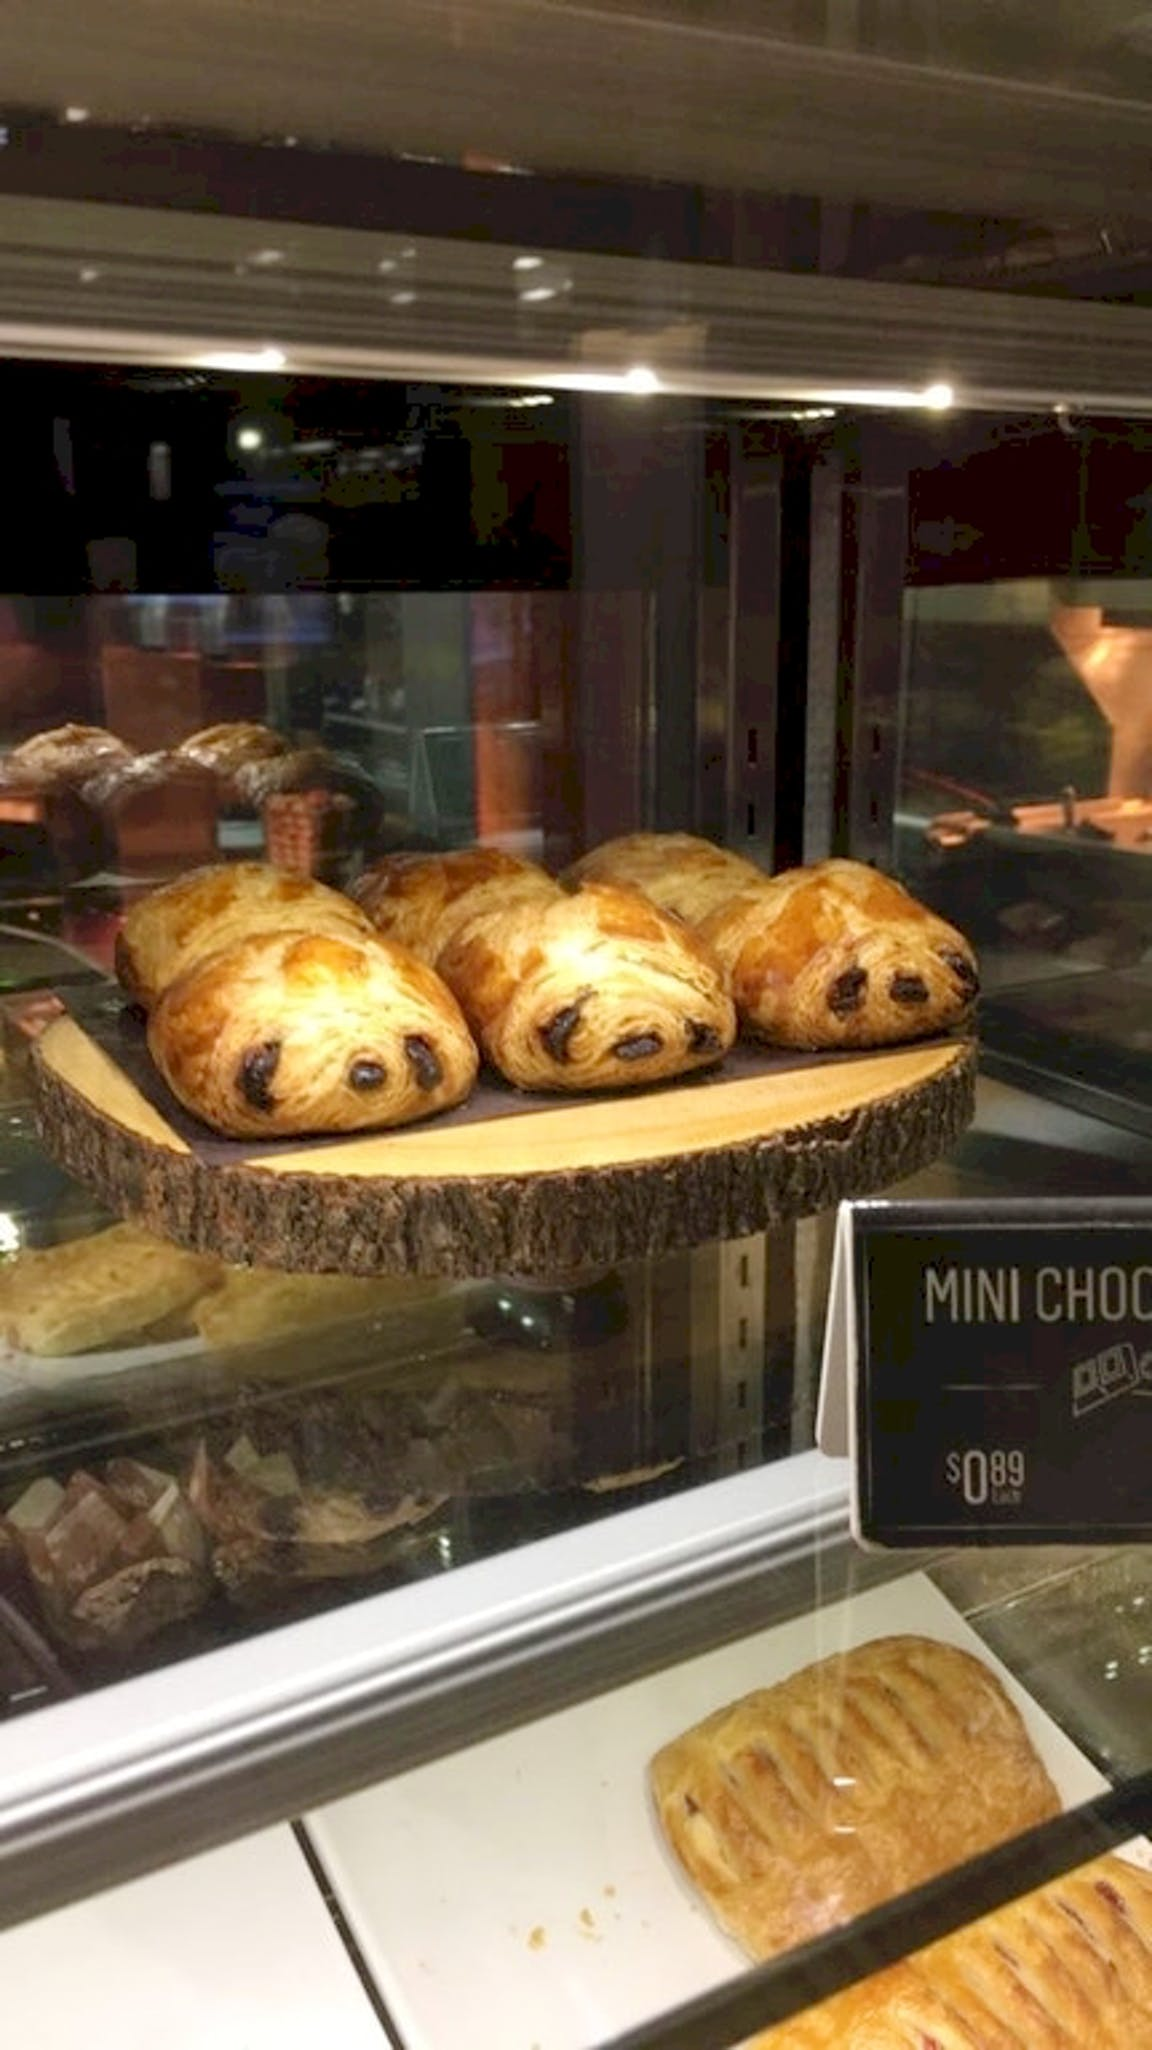 25張「需要很多巧合才拍到」的驚奇瞬間 麵包烤好卻變成了樹懶